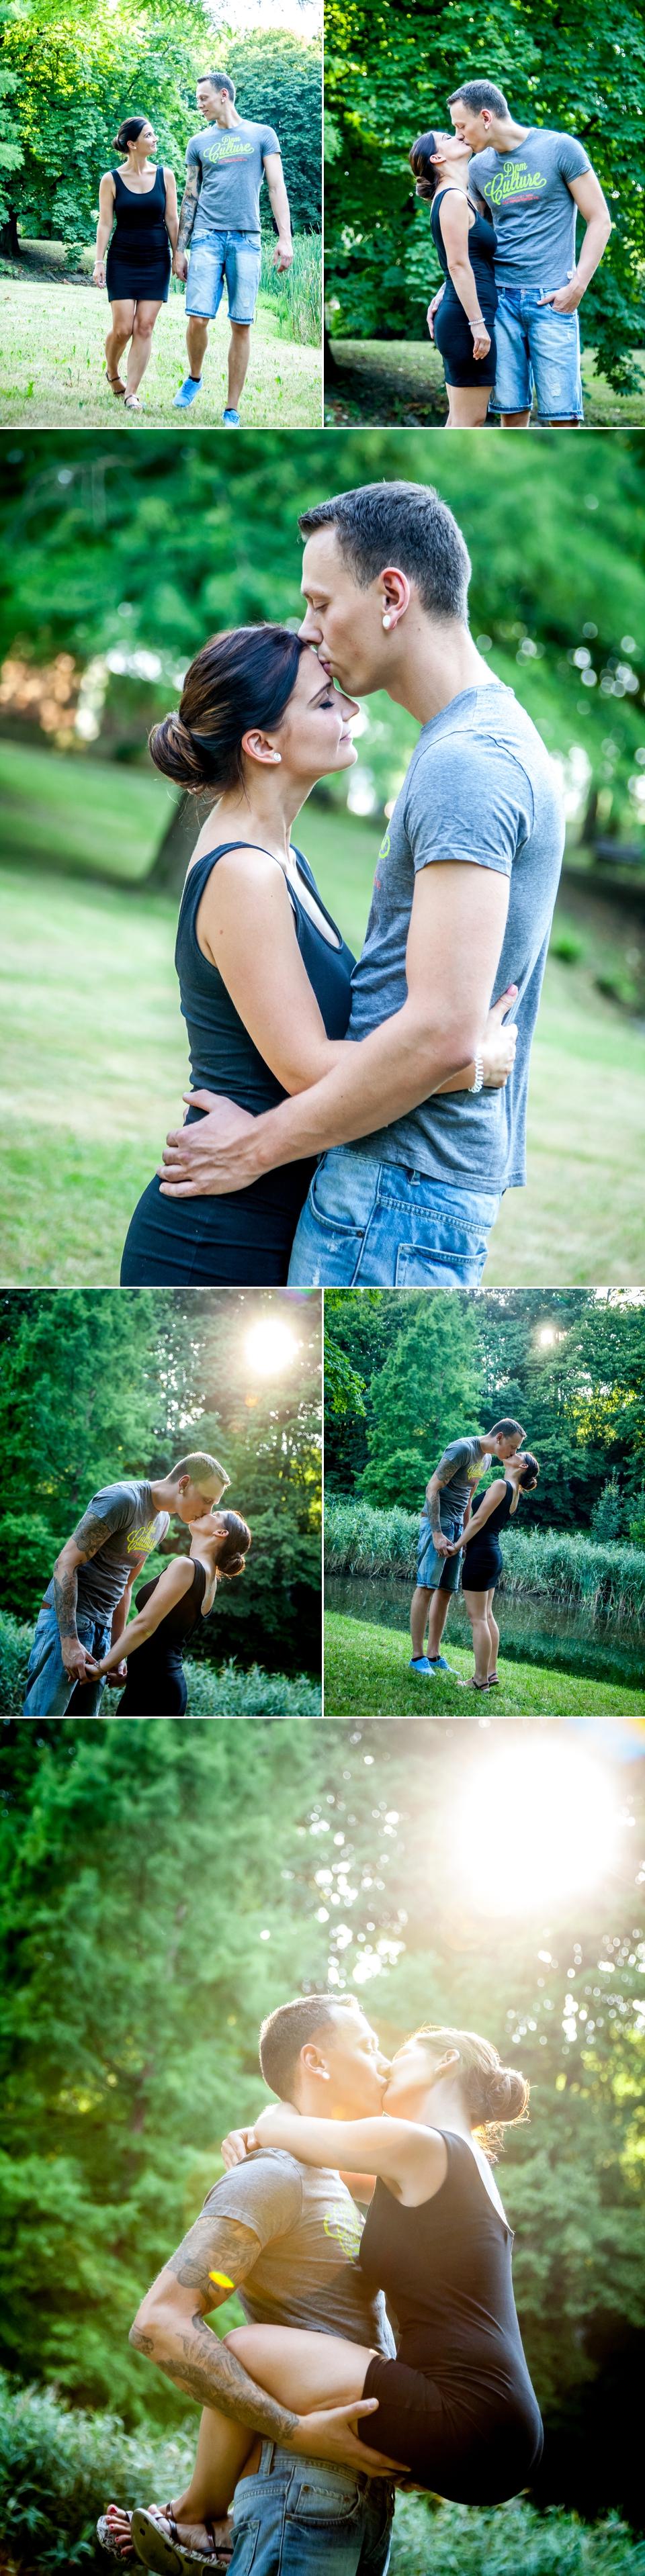 1-1-6 Liebe im Schönherrpark mit Jacqueline & Dirk... Hochzeit folgt verlobungsshooting